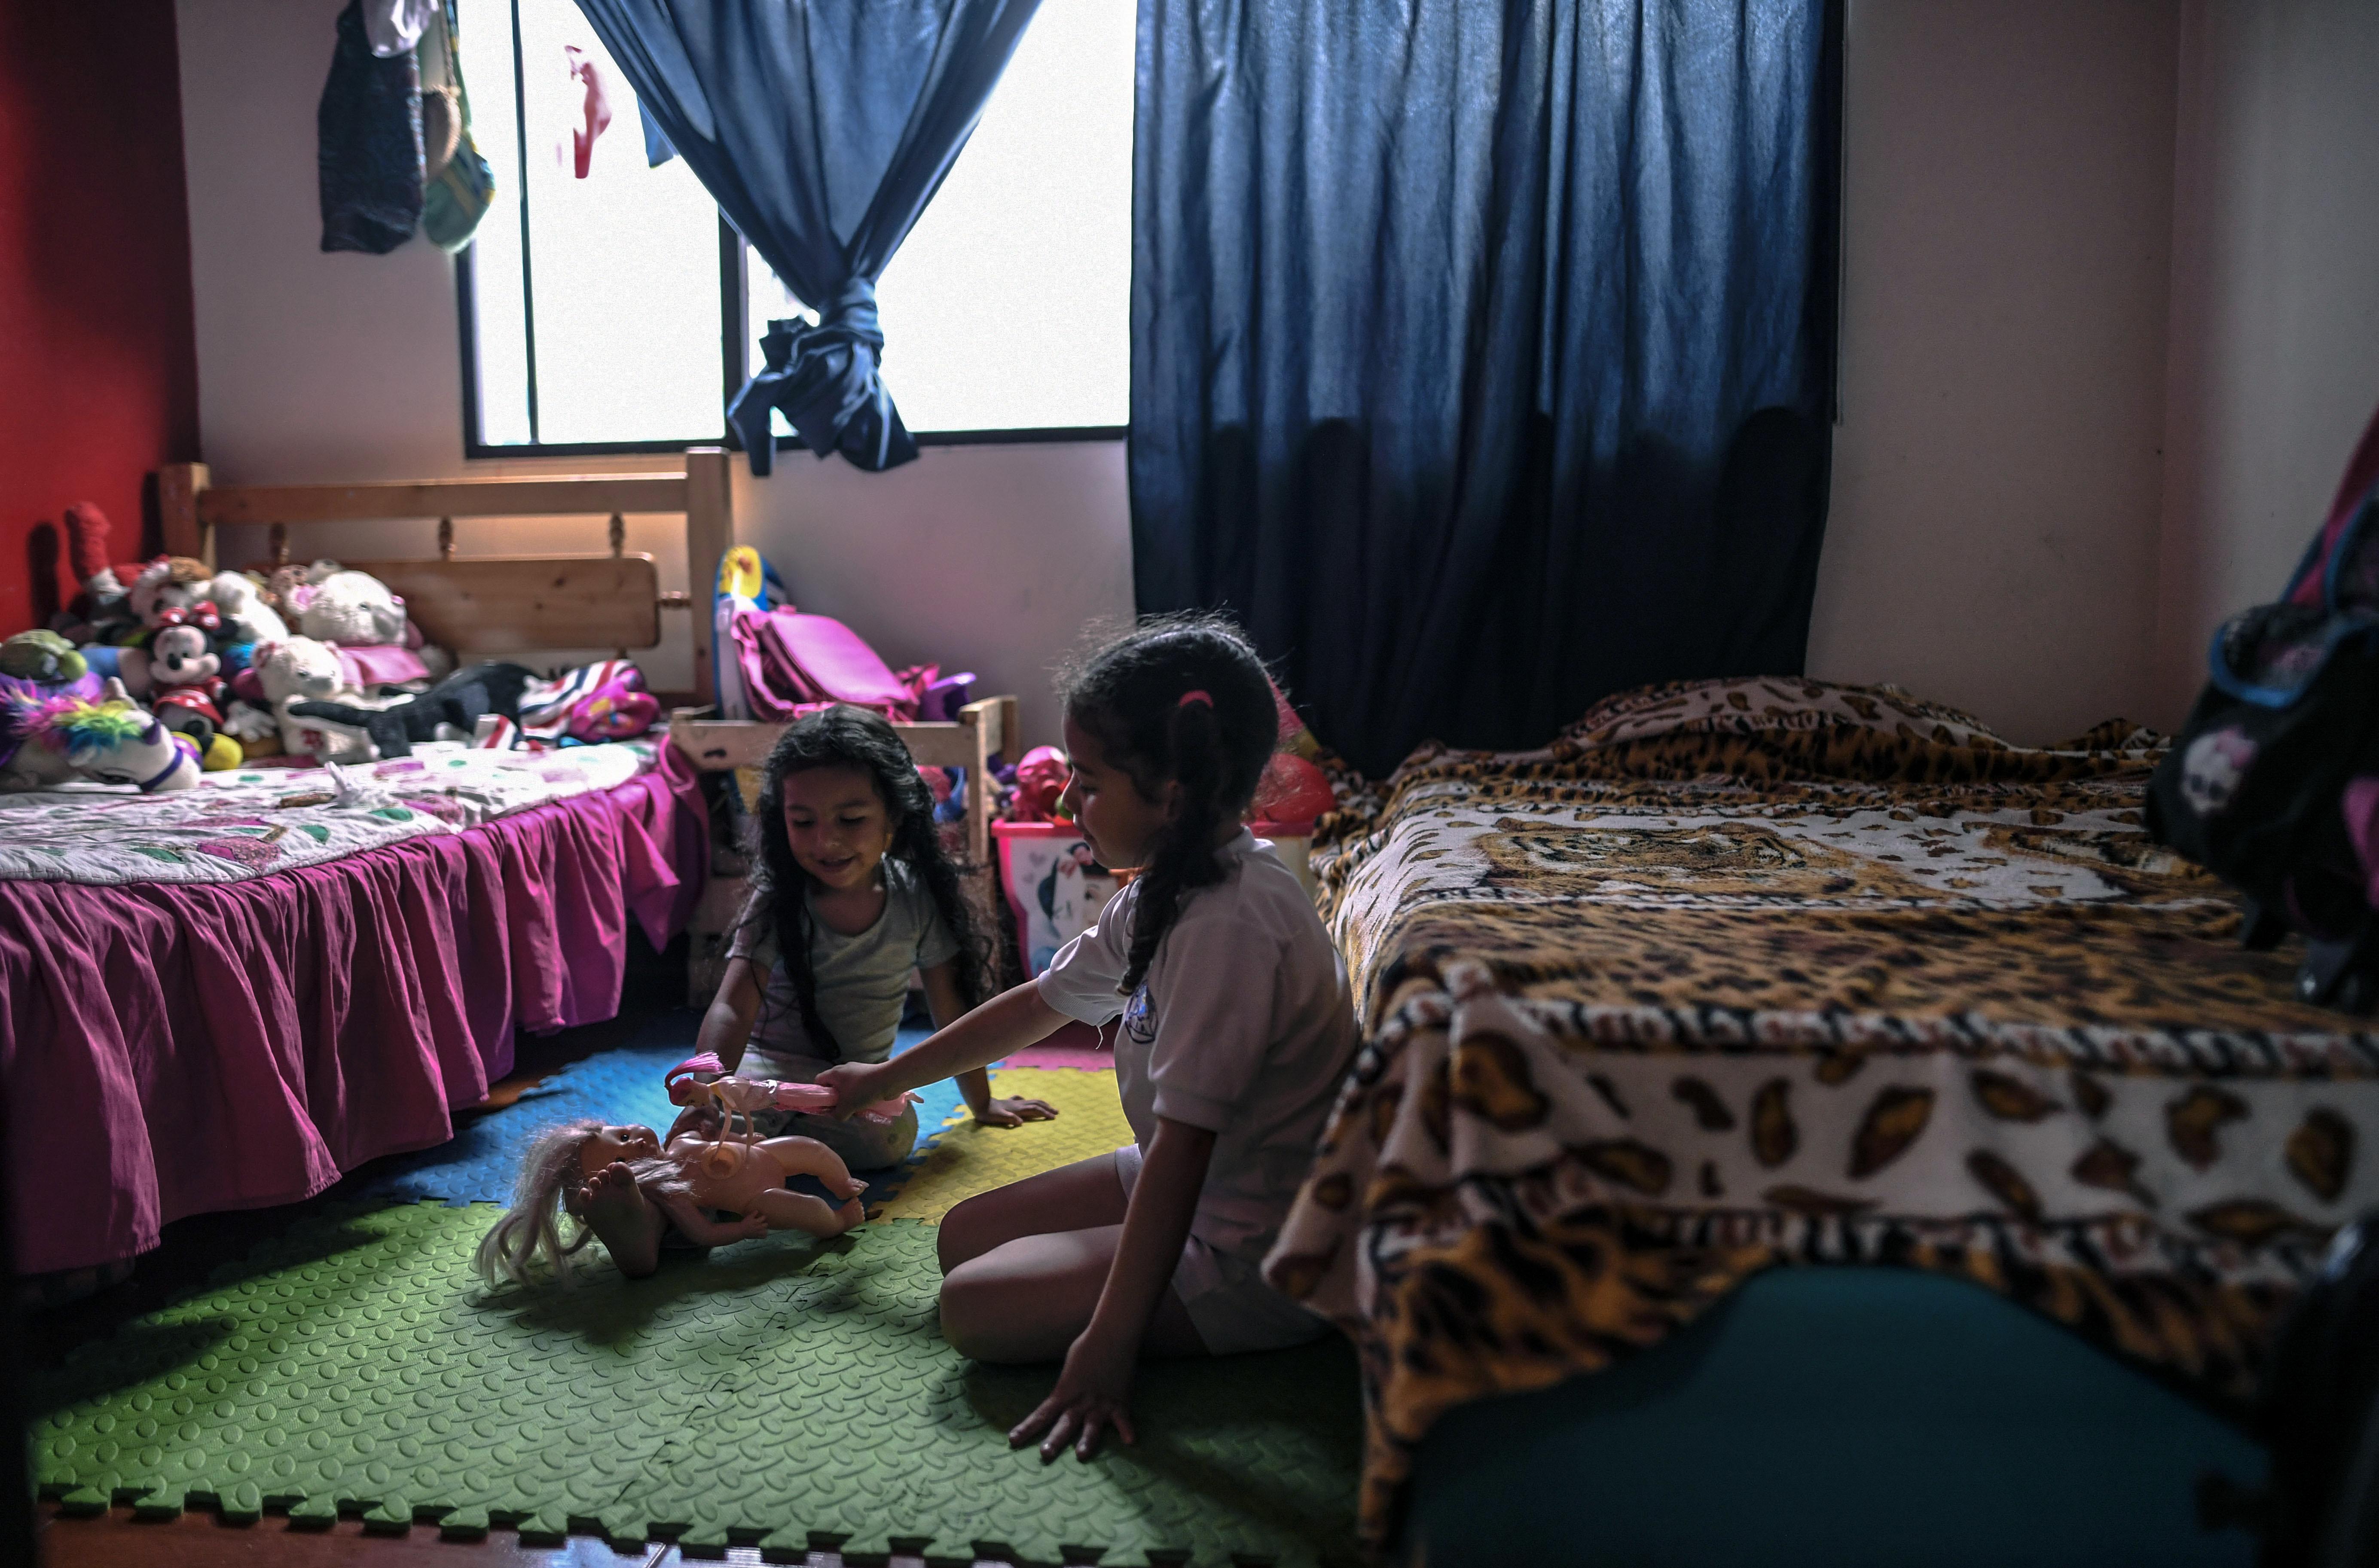 Arianna y Juliana Celis juegan en el cuarto donde viven en Bogotá. Desde 2014 se han mudado 7 veces.